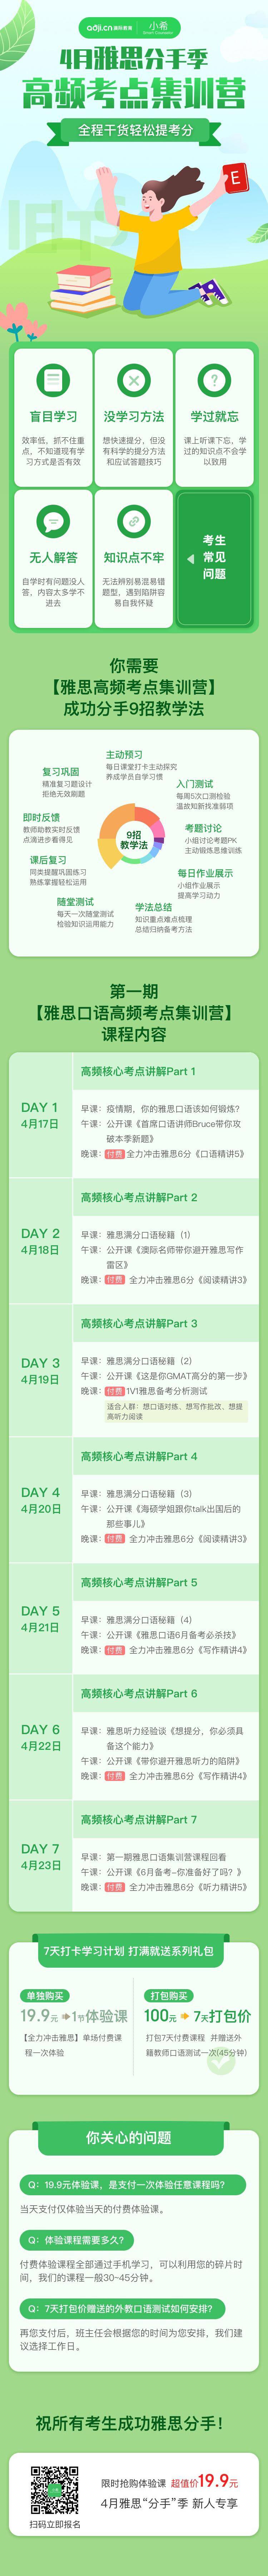 4月第一期活动